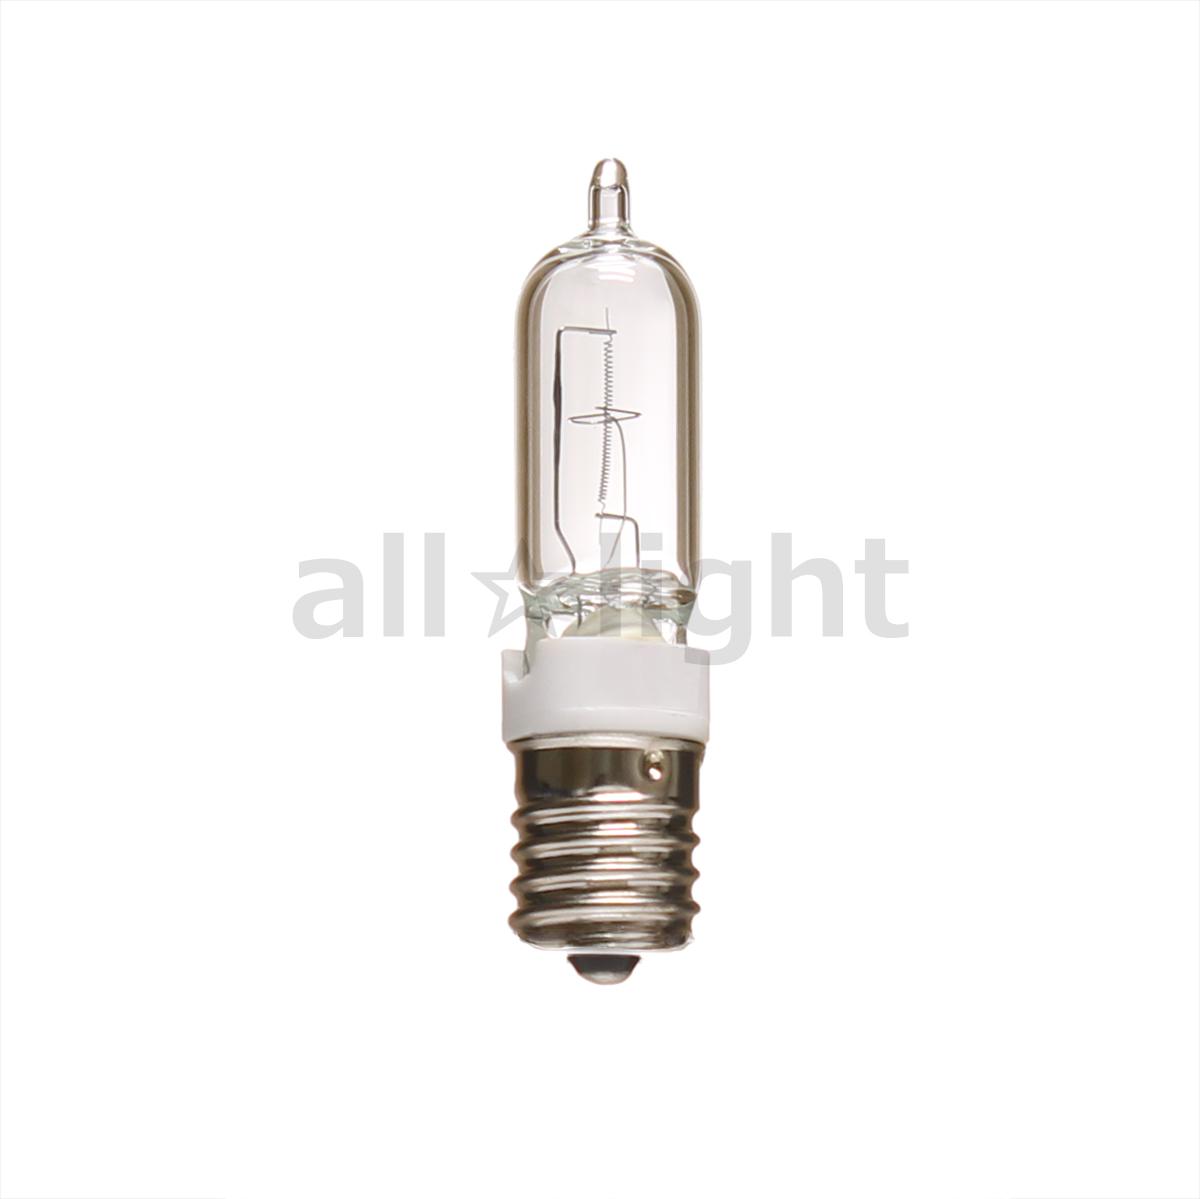 ☆川上ランプ キセノンT型電球 約10%節電タイプ E17口金 50W形 720lm 【10個入り】 X100110V45WE17L